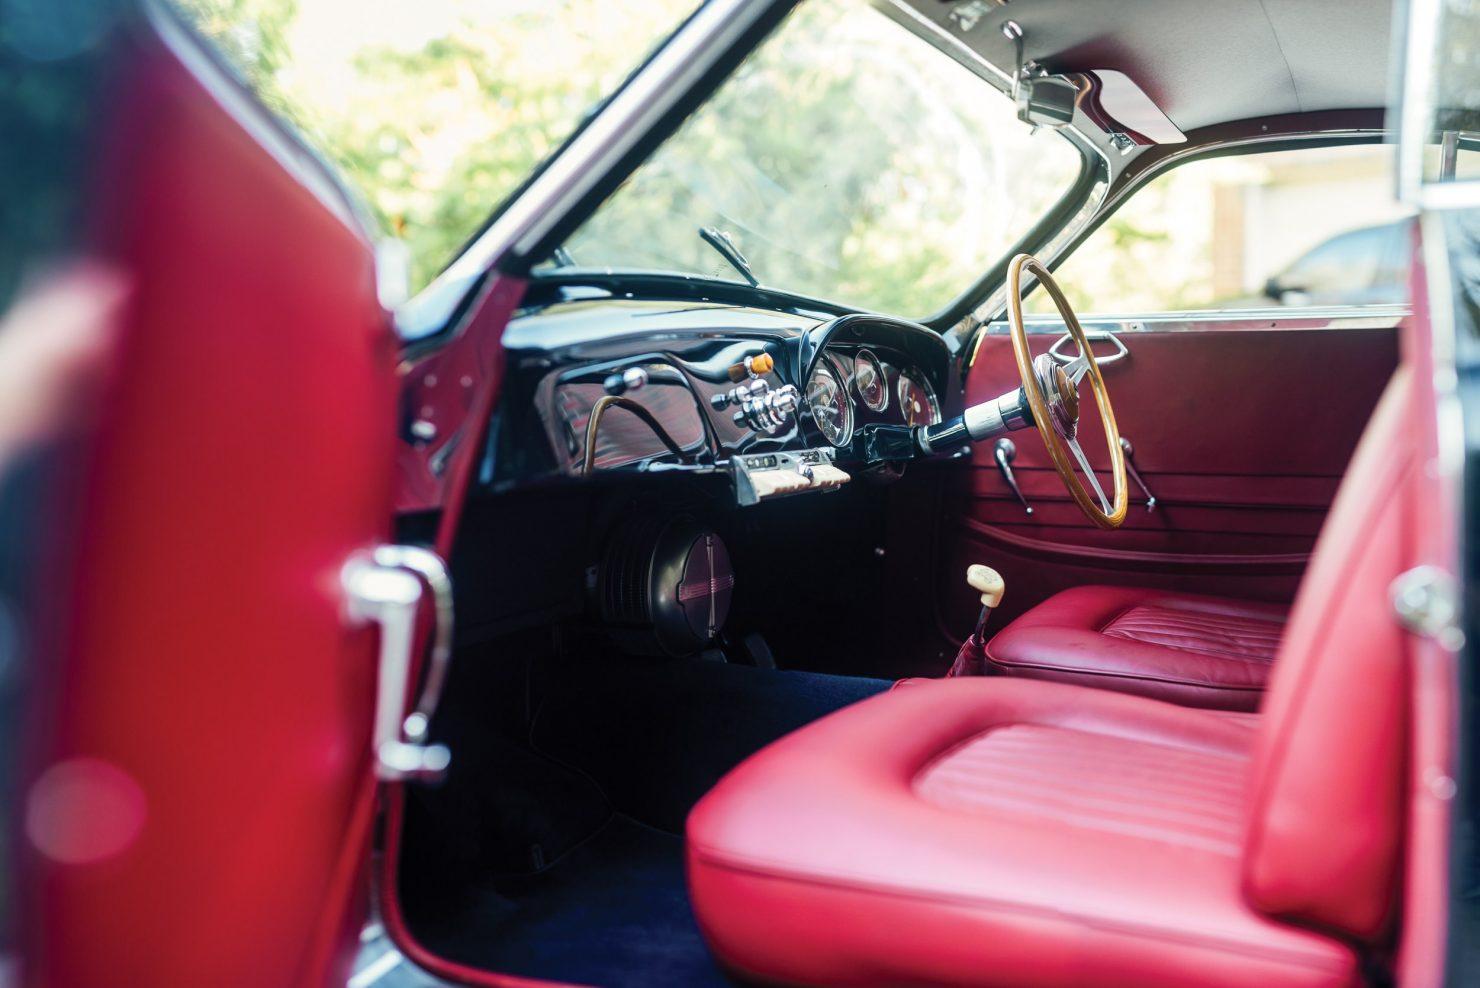 pegaso z 102 car 14 1480x988 - 1954 Pegaso Z-102 Series II Saoutchik